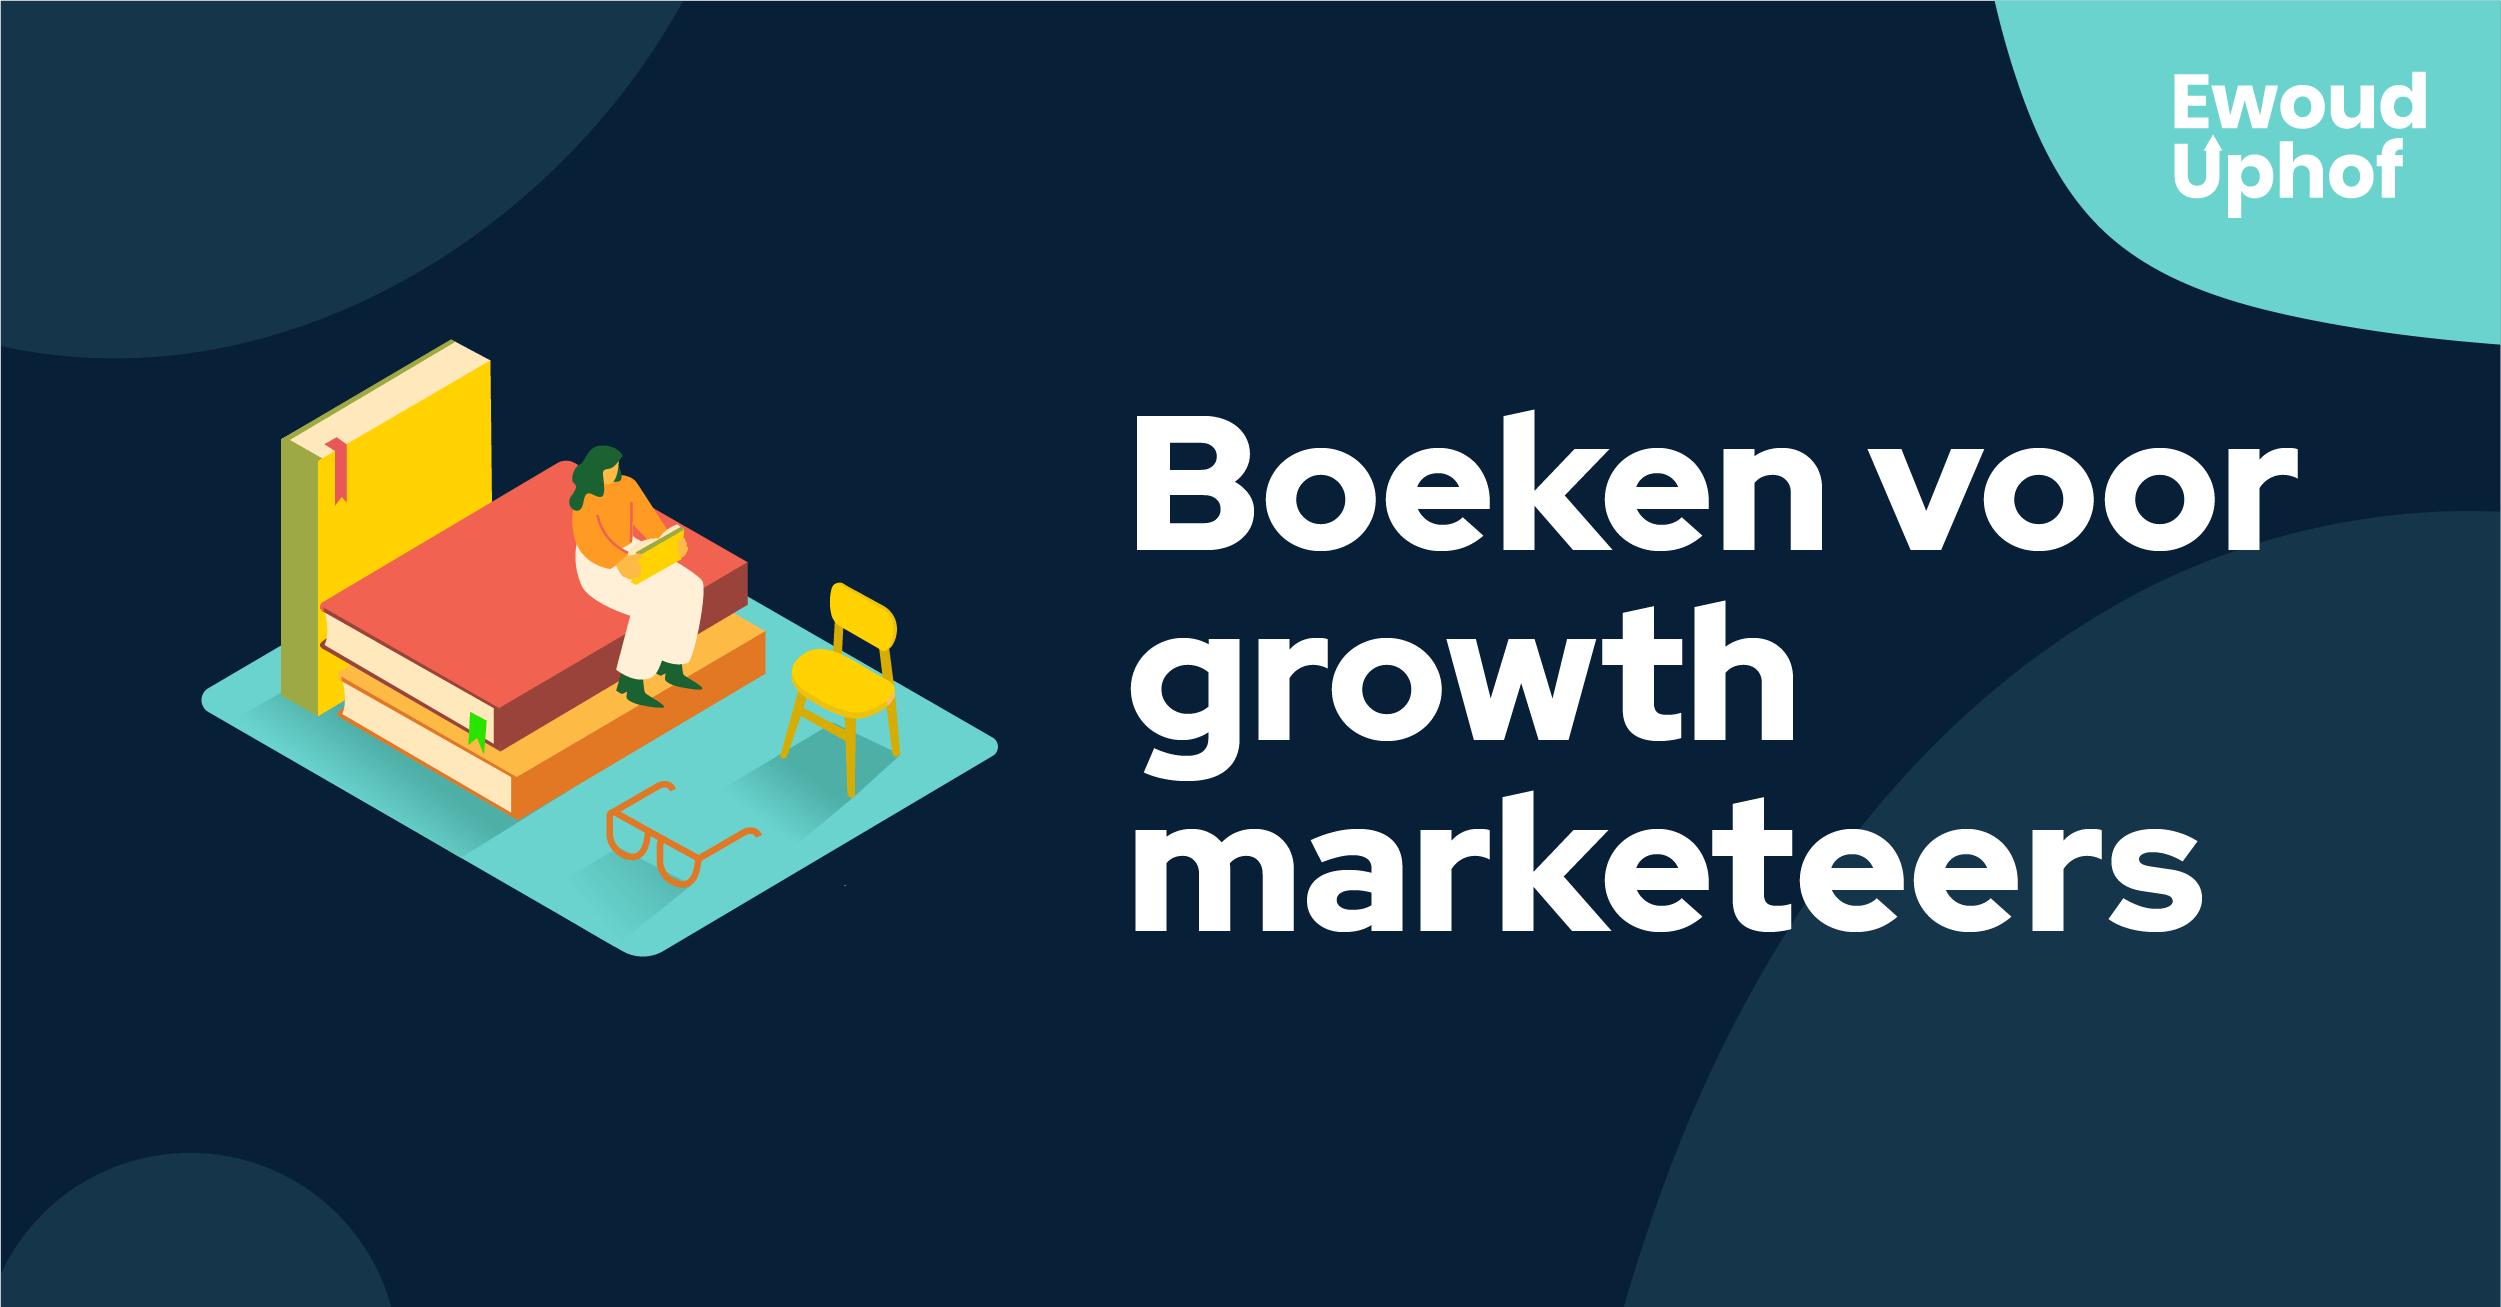 Boeken voor growth marketeers